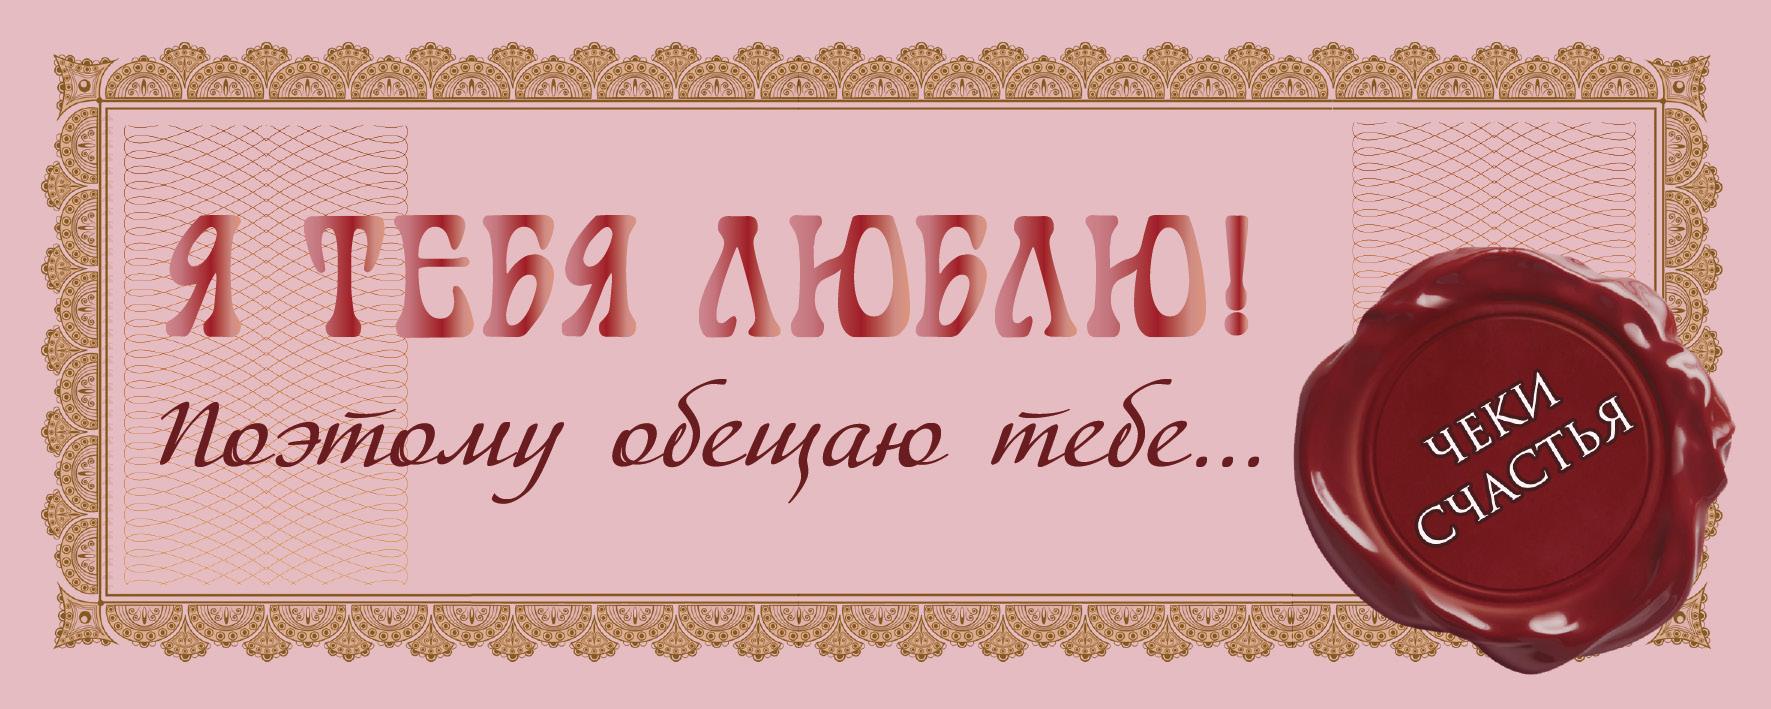 . Я тебя люблю! Поэтому обещаю тебе... love is любимая я обещаю тебе чеки для исполнения желаний